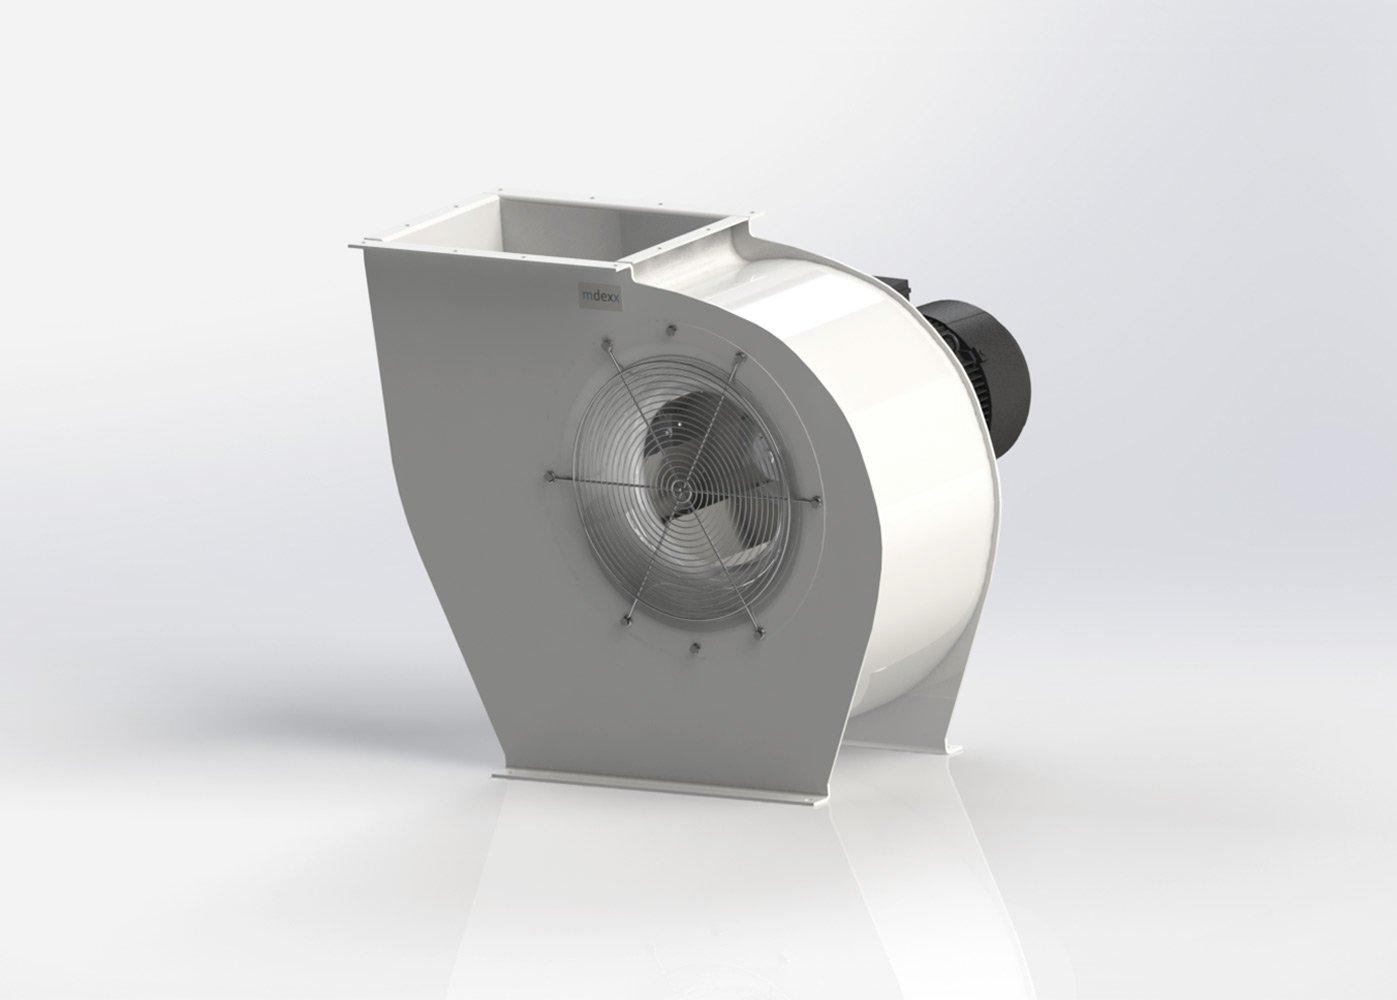 Beispielhafte Darstellung von einem Radialventilator